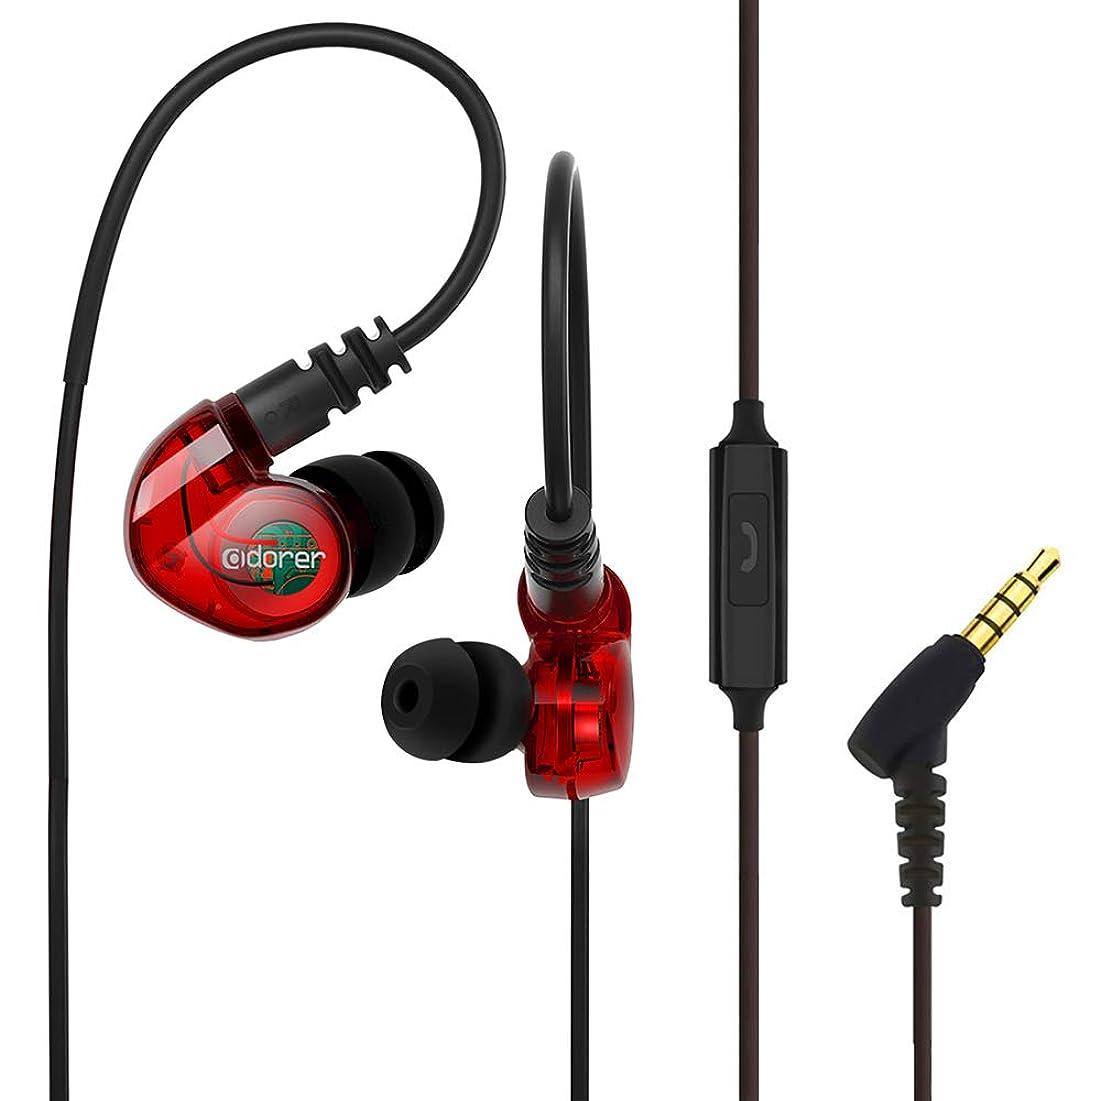 余計な突進男らしさAdorer カナル型 イヤホン RX6 高音質 スポーツ用 マイク付き 通話可能 iPhone?Android多機種対応 - 赤